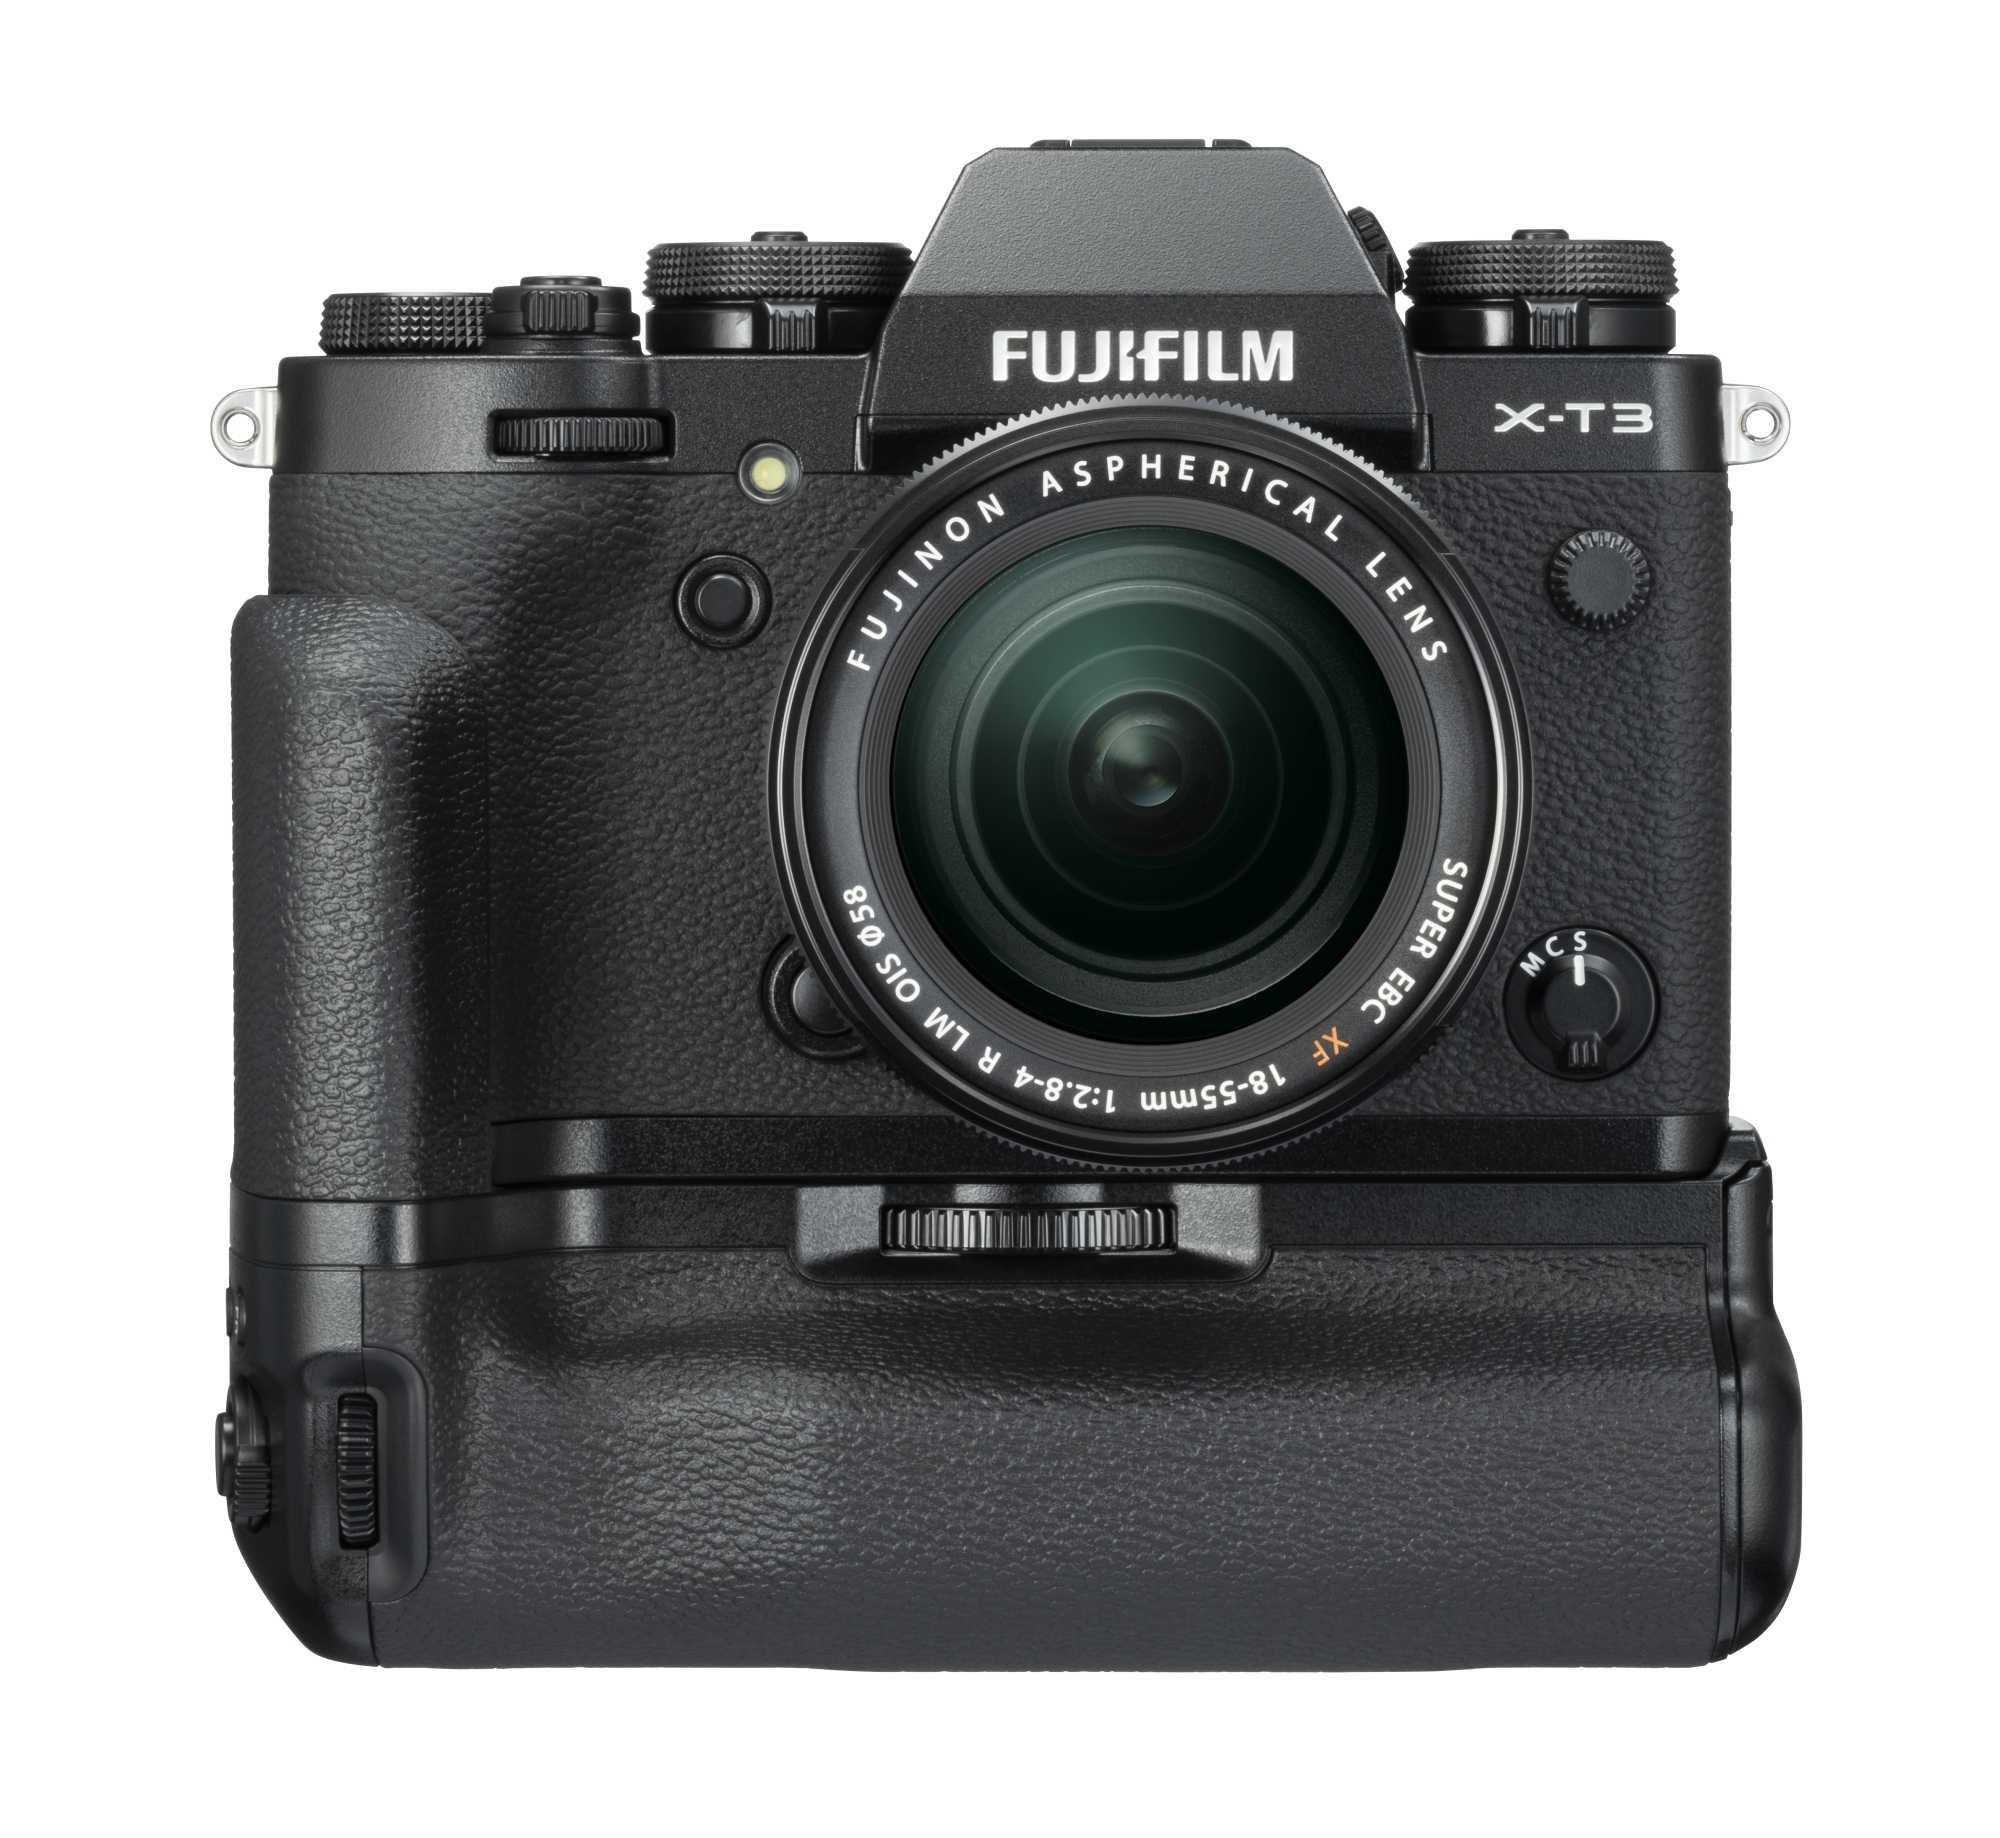 Auch für die neue spiegellose Systemkamera X-T3 bietet Fujifilm einen Handgriff an: VG-XT3. Anders als die Vorgängerin X-T2 braucht die Neue ihn allerdings nicht für schnelle Serienbildraten.